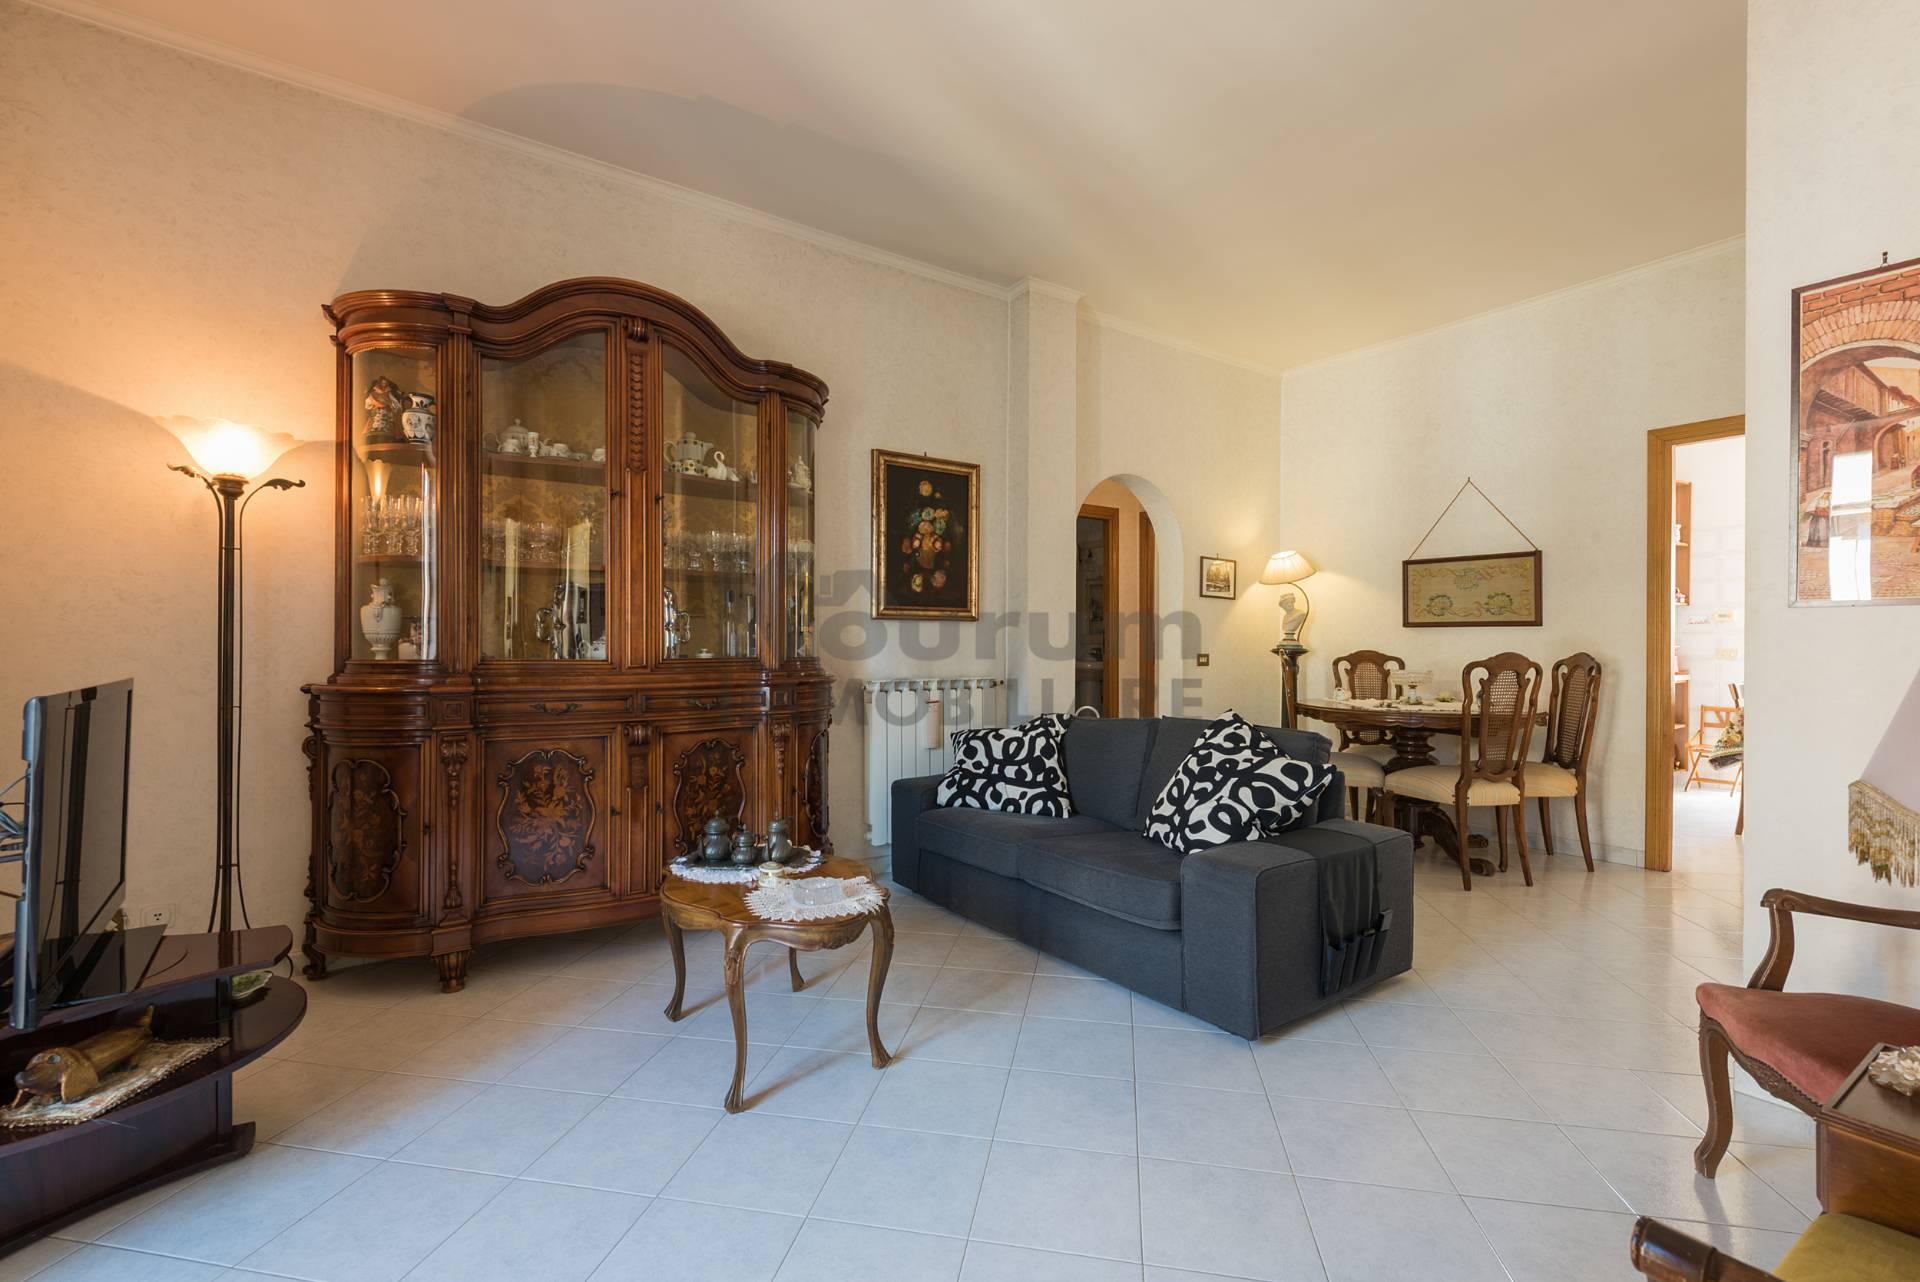 Appartamento in vendita a roma cod t2023 for Affitto ufficio anagnina